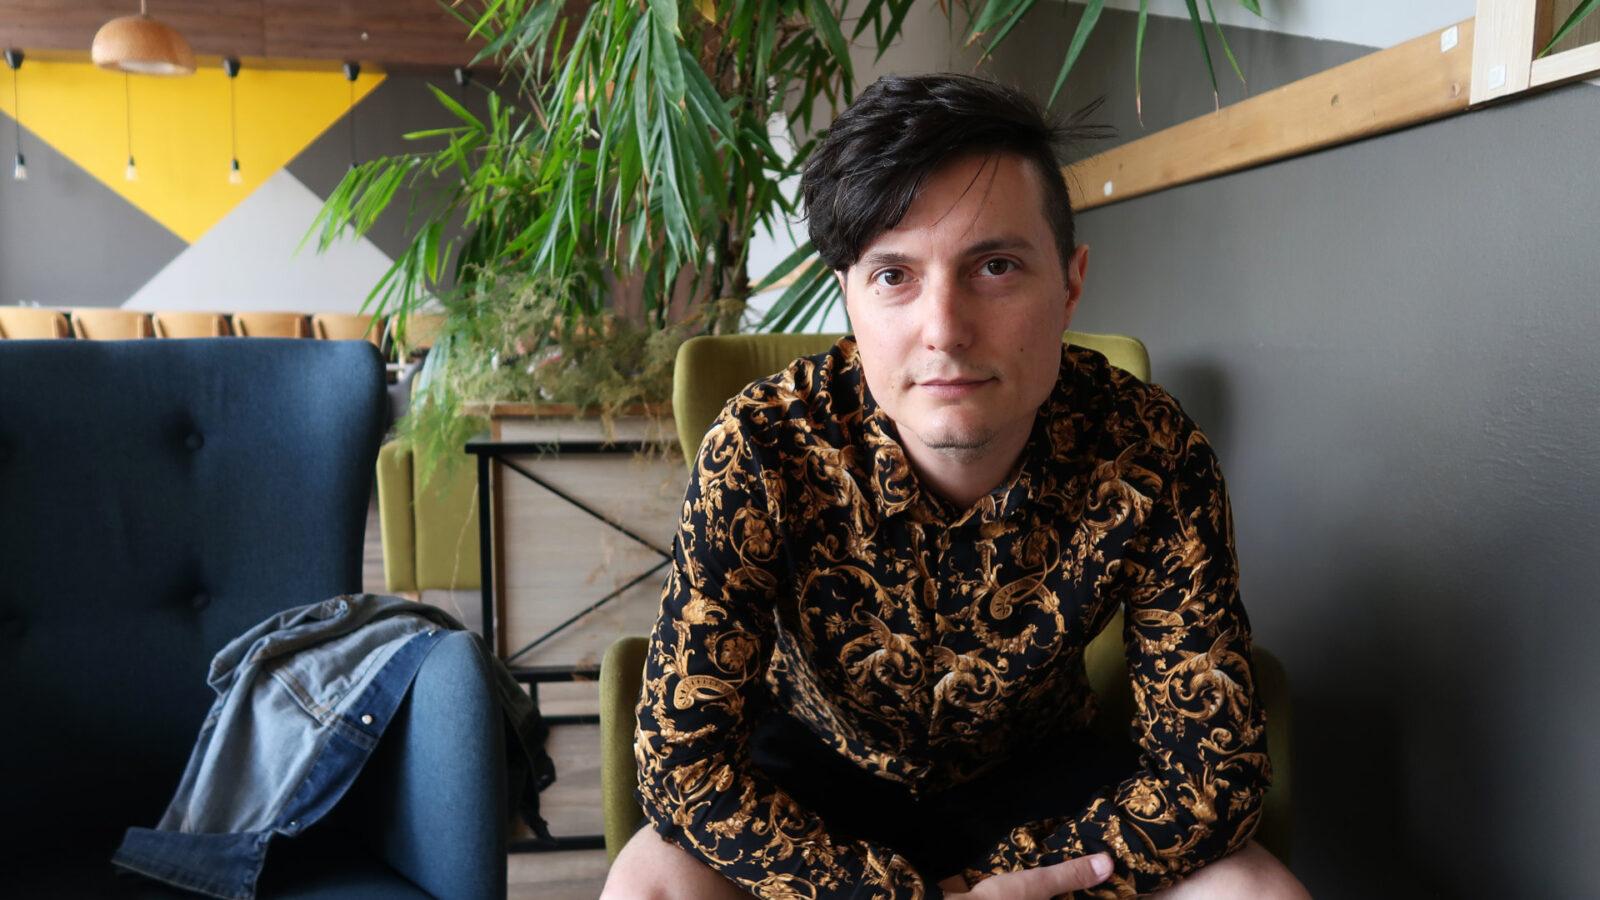 Sanjin. Photo: Florens Sinclair Đumišić.